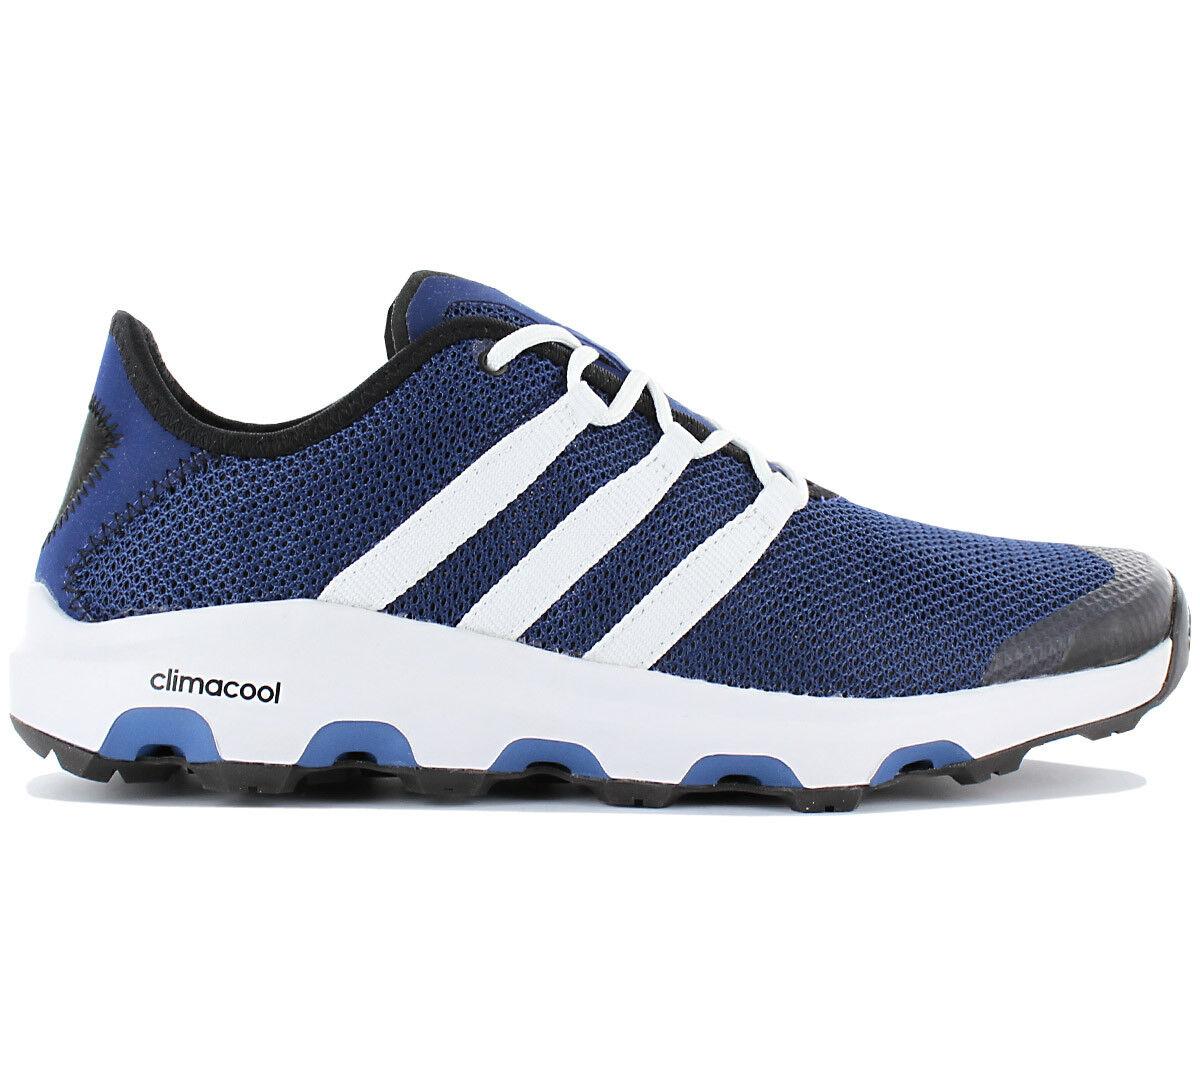 Adidas Terrex cc Climacool Voyager Homme Trail Chaussures de Randonnée BB1892